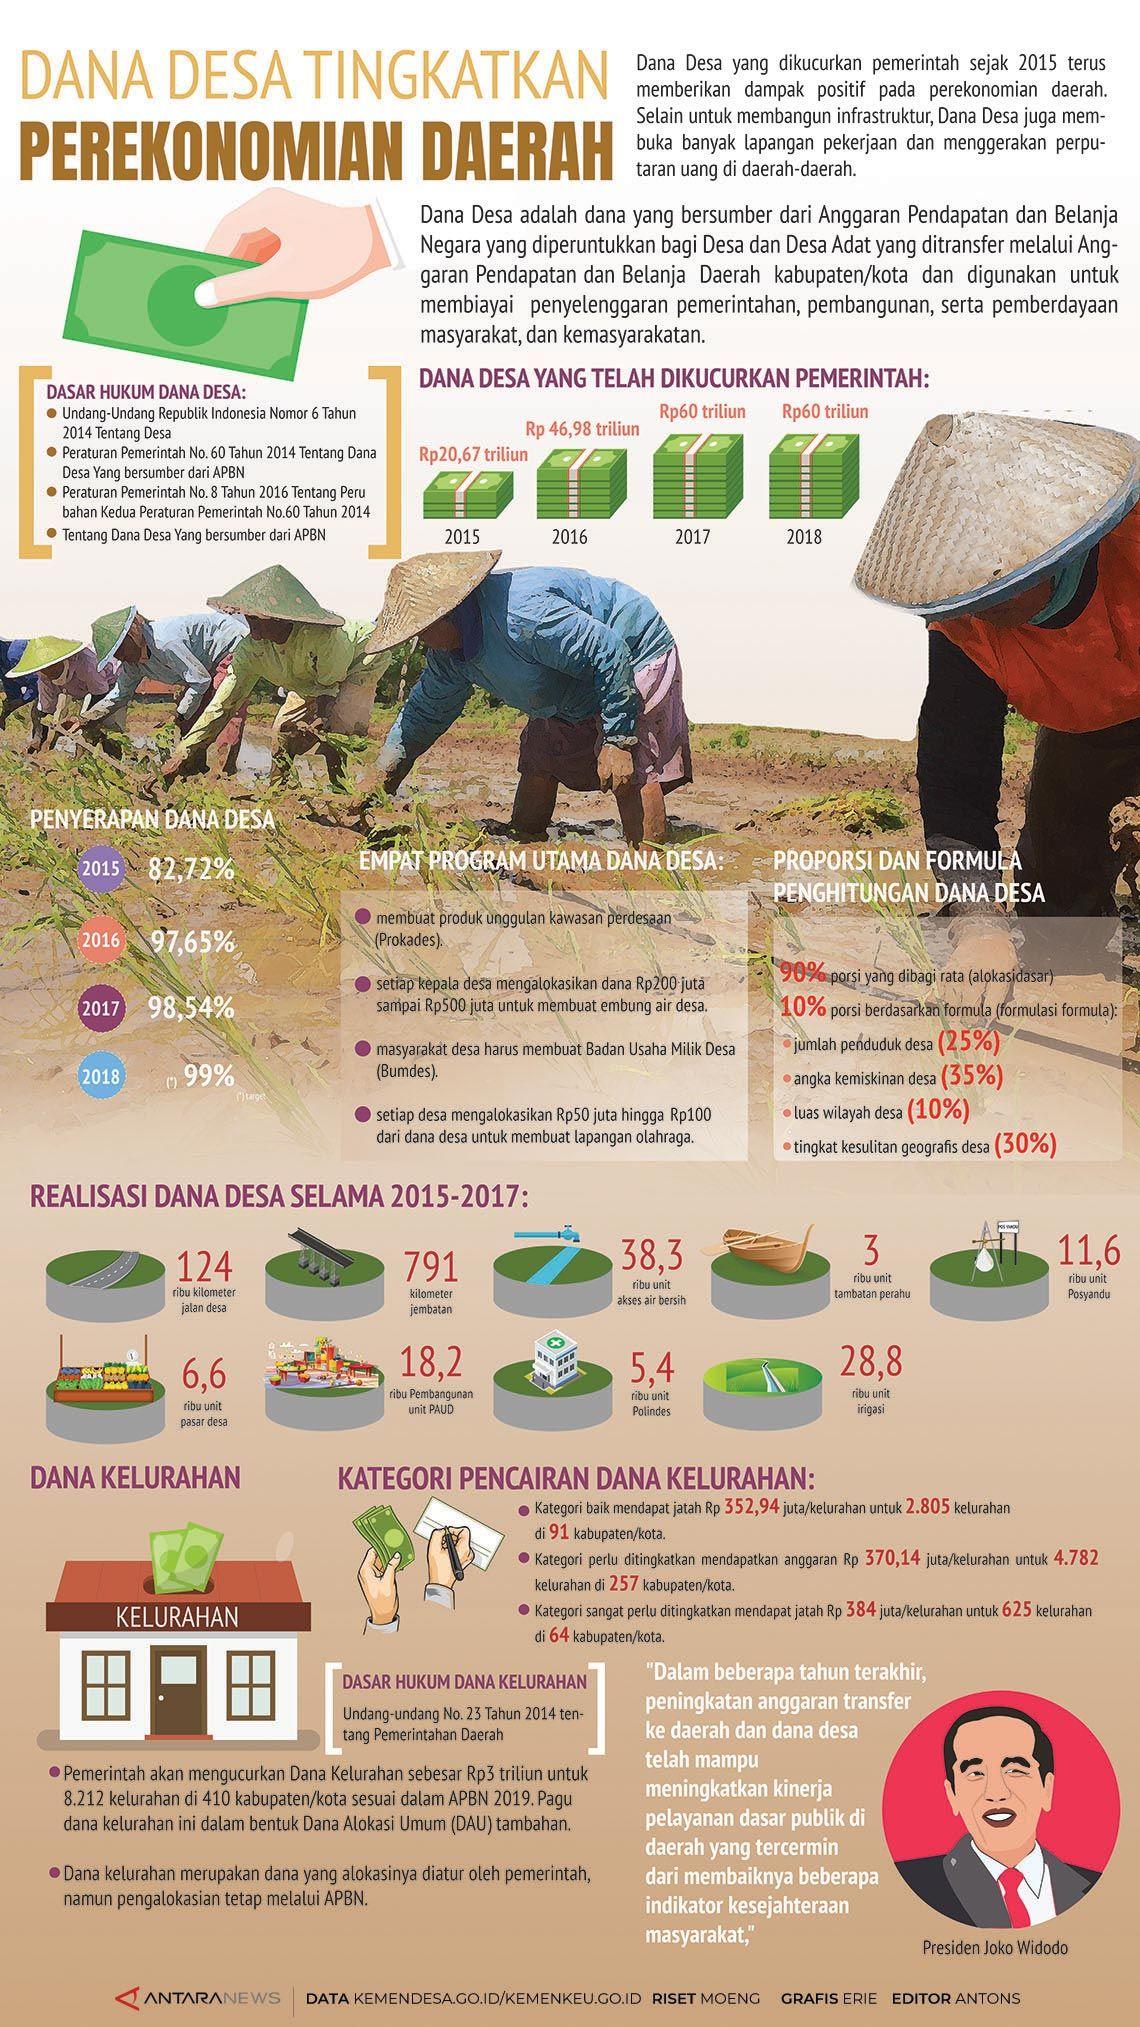 Dana Desa tingkatkan perekonomian daerah